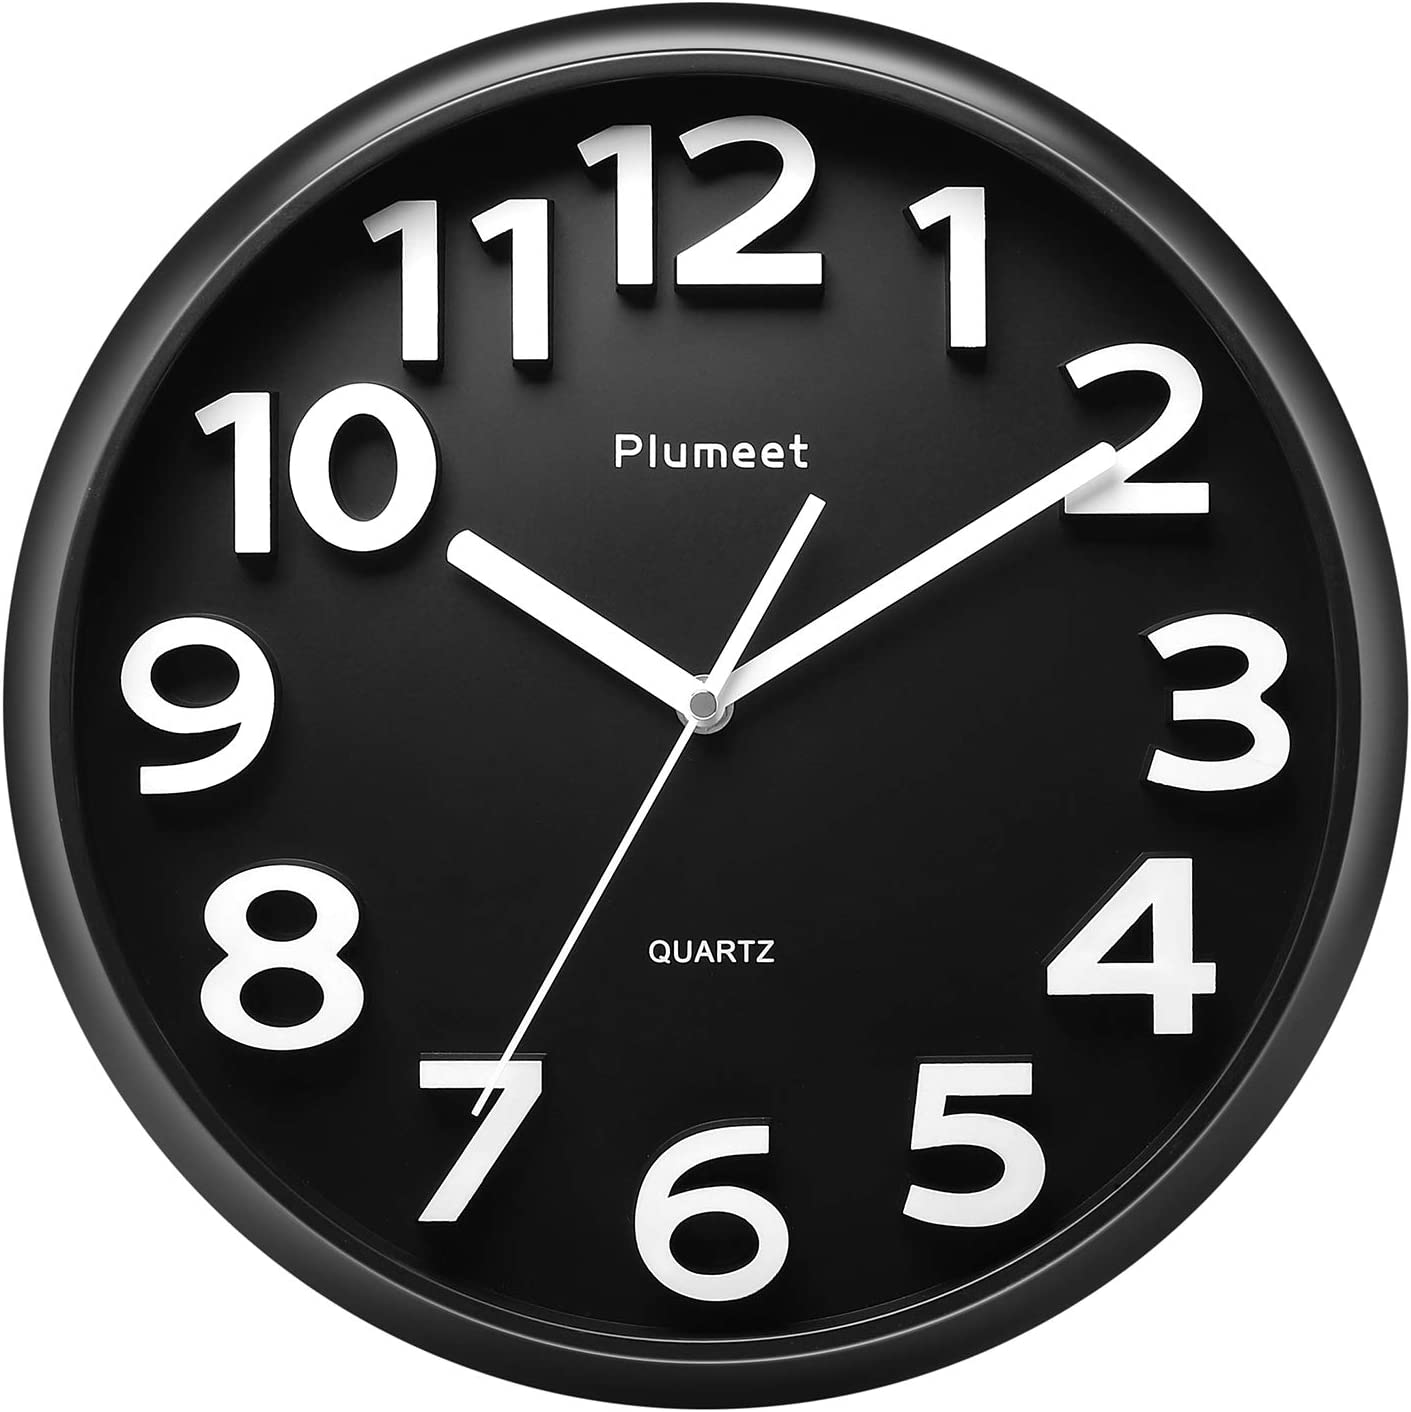 Reloj de pared grande de 33 cm, relojes de Plumeet decorativos de cuarzo silencioso que no hace tictac, gran pantalla de números tridimensionales, con pilas (Negro)